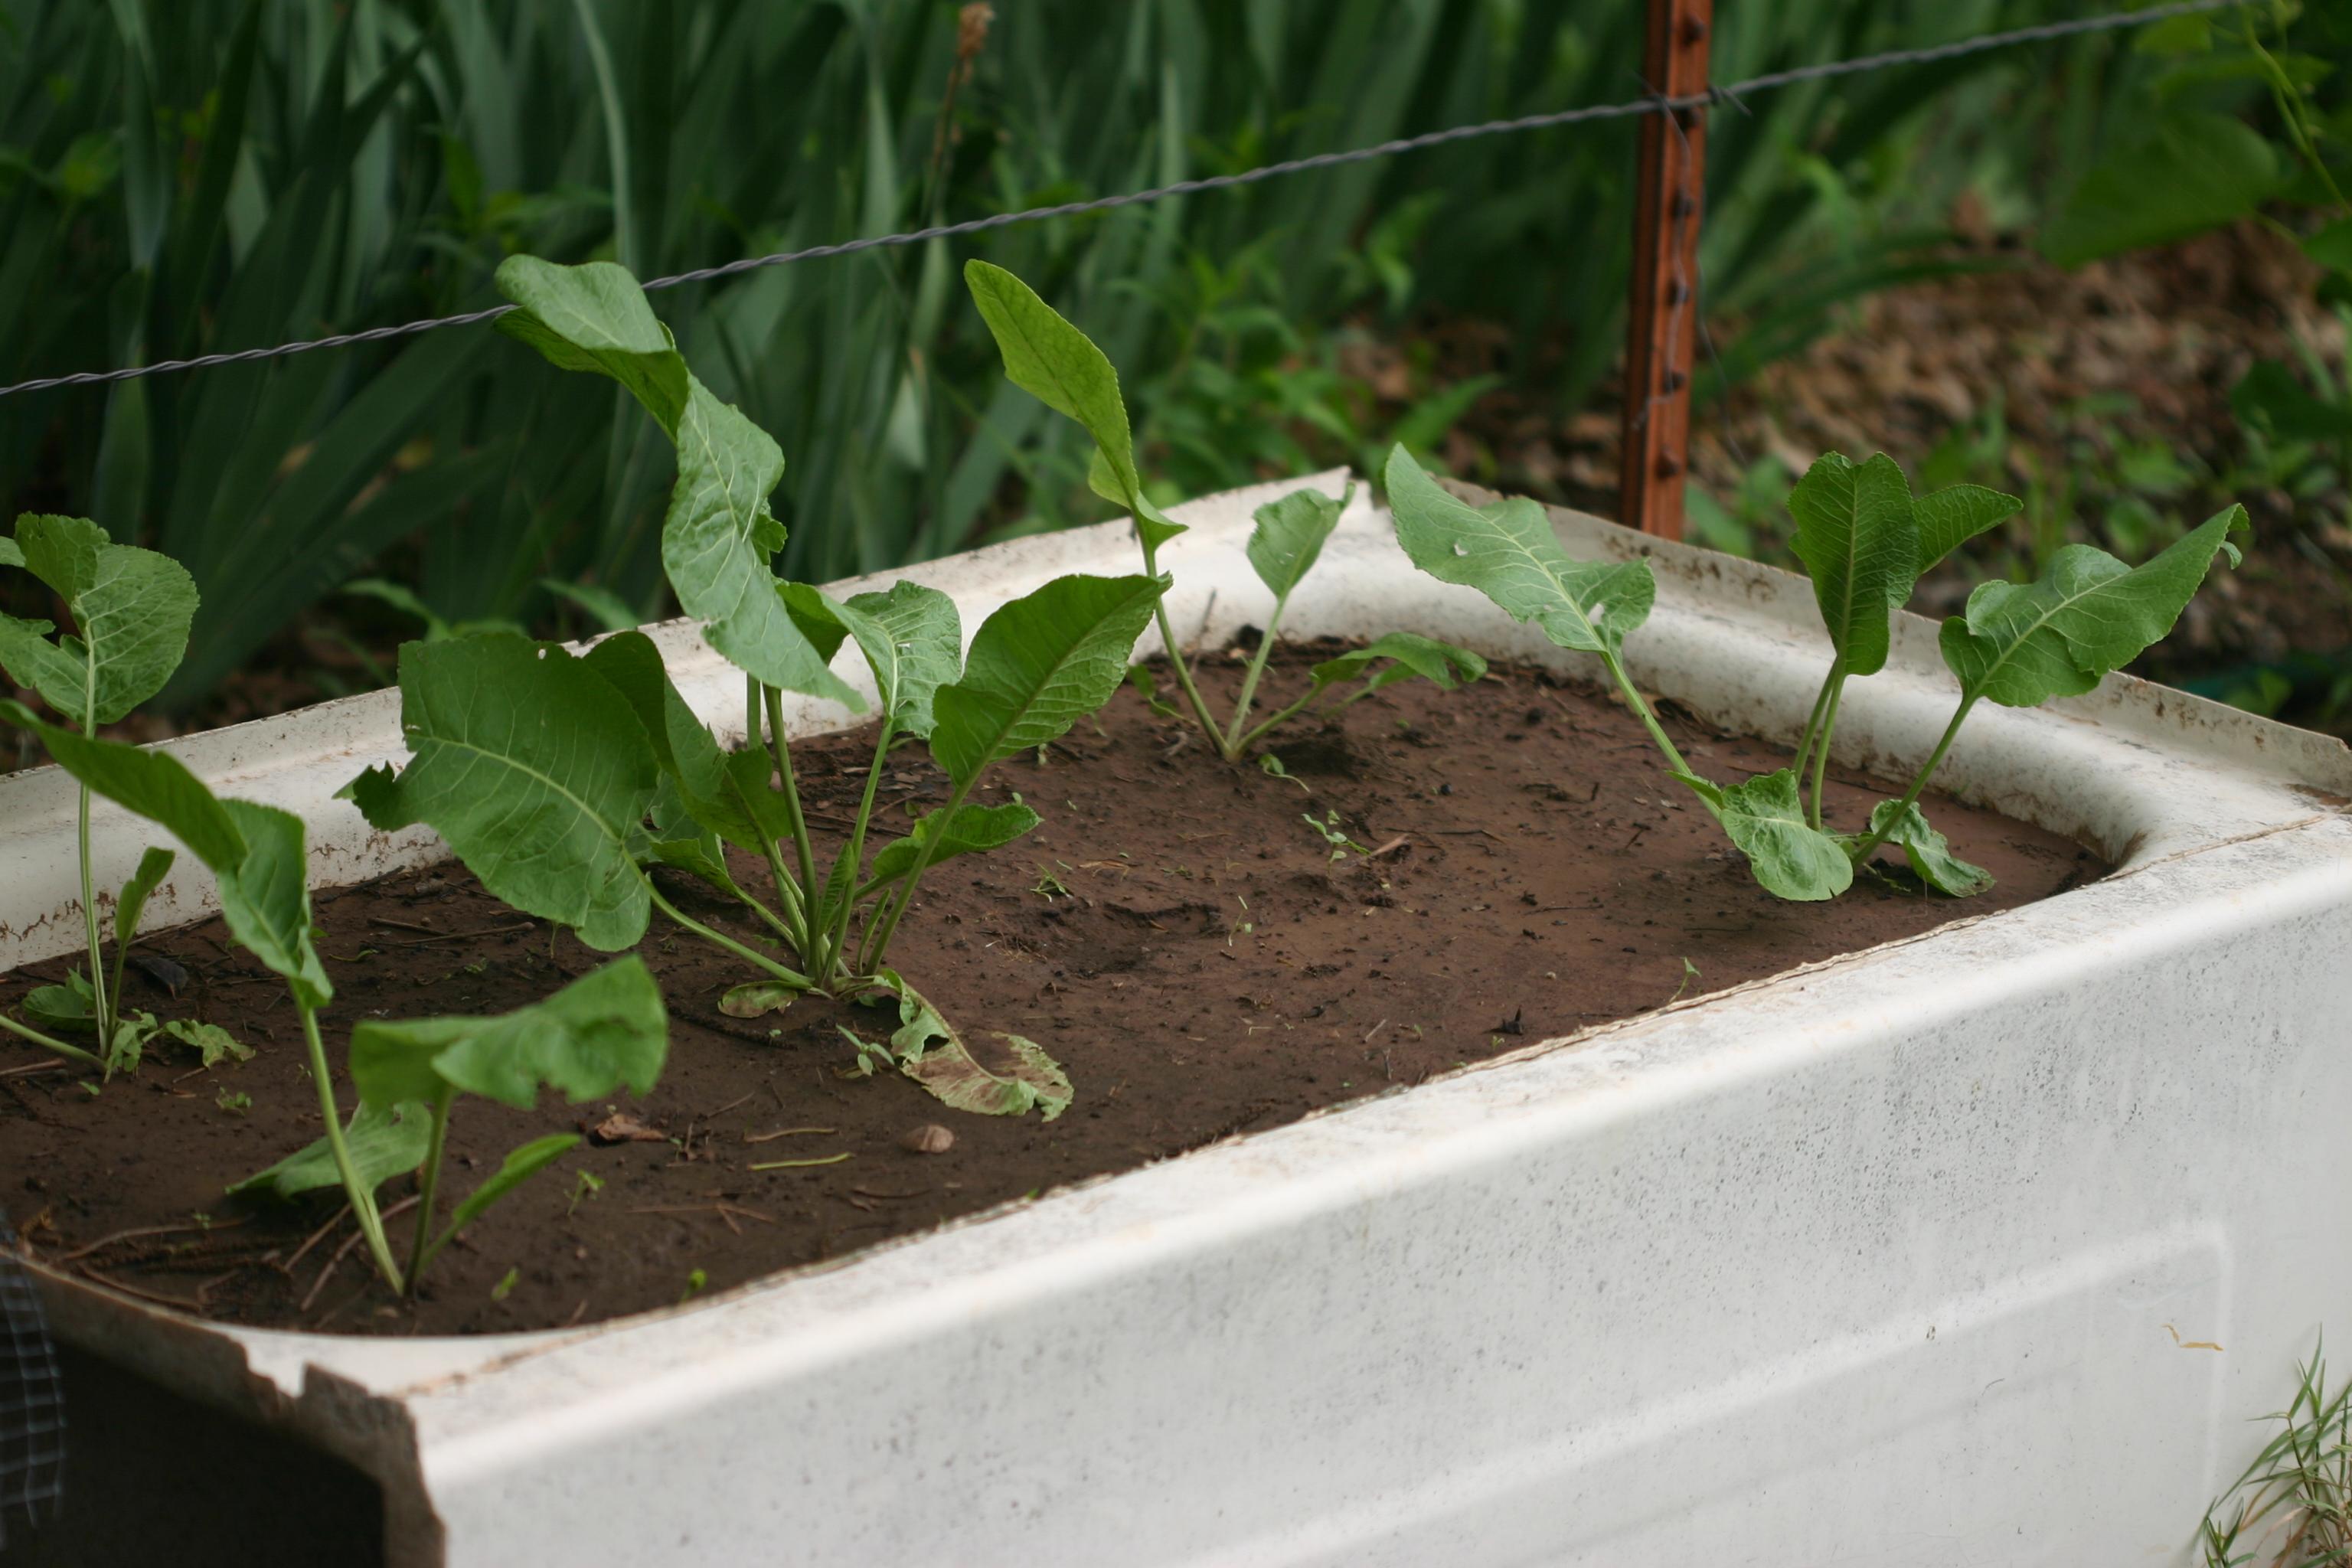 Garden Design Garden Design with Cabin with Corner Garden Tub